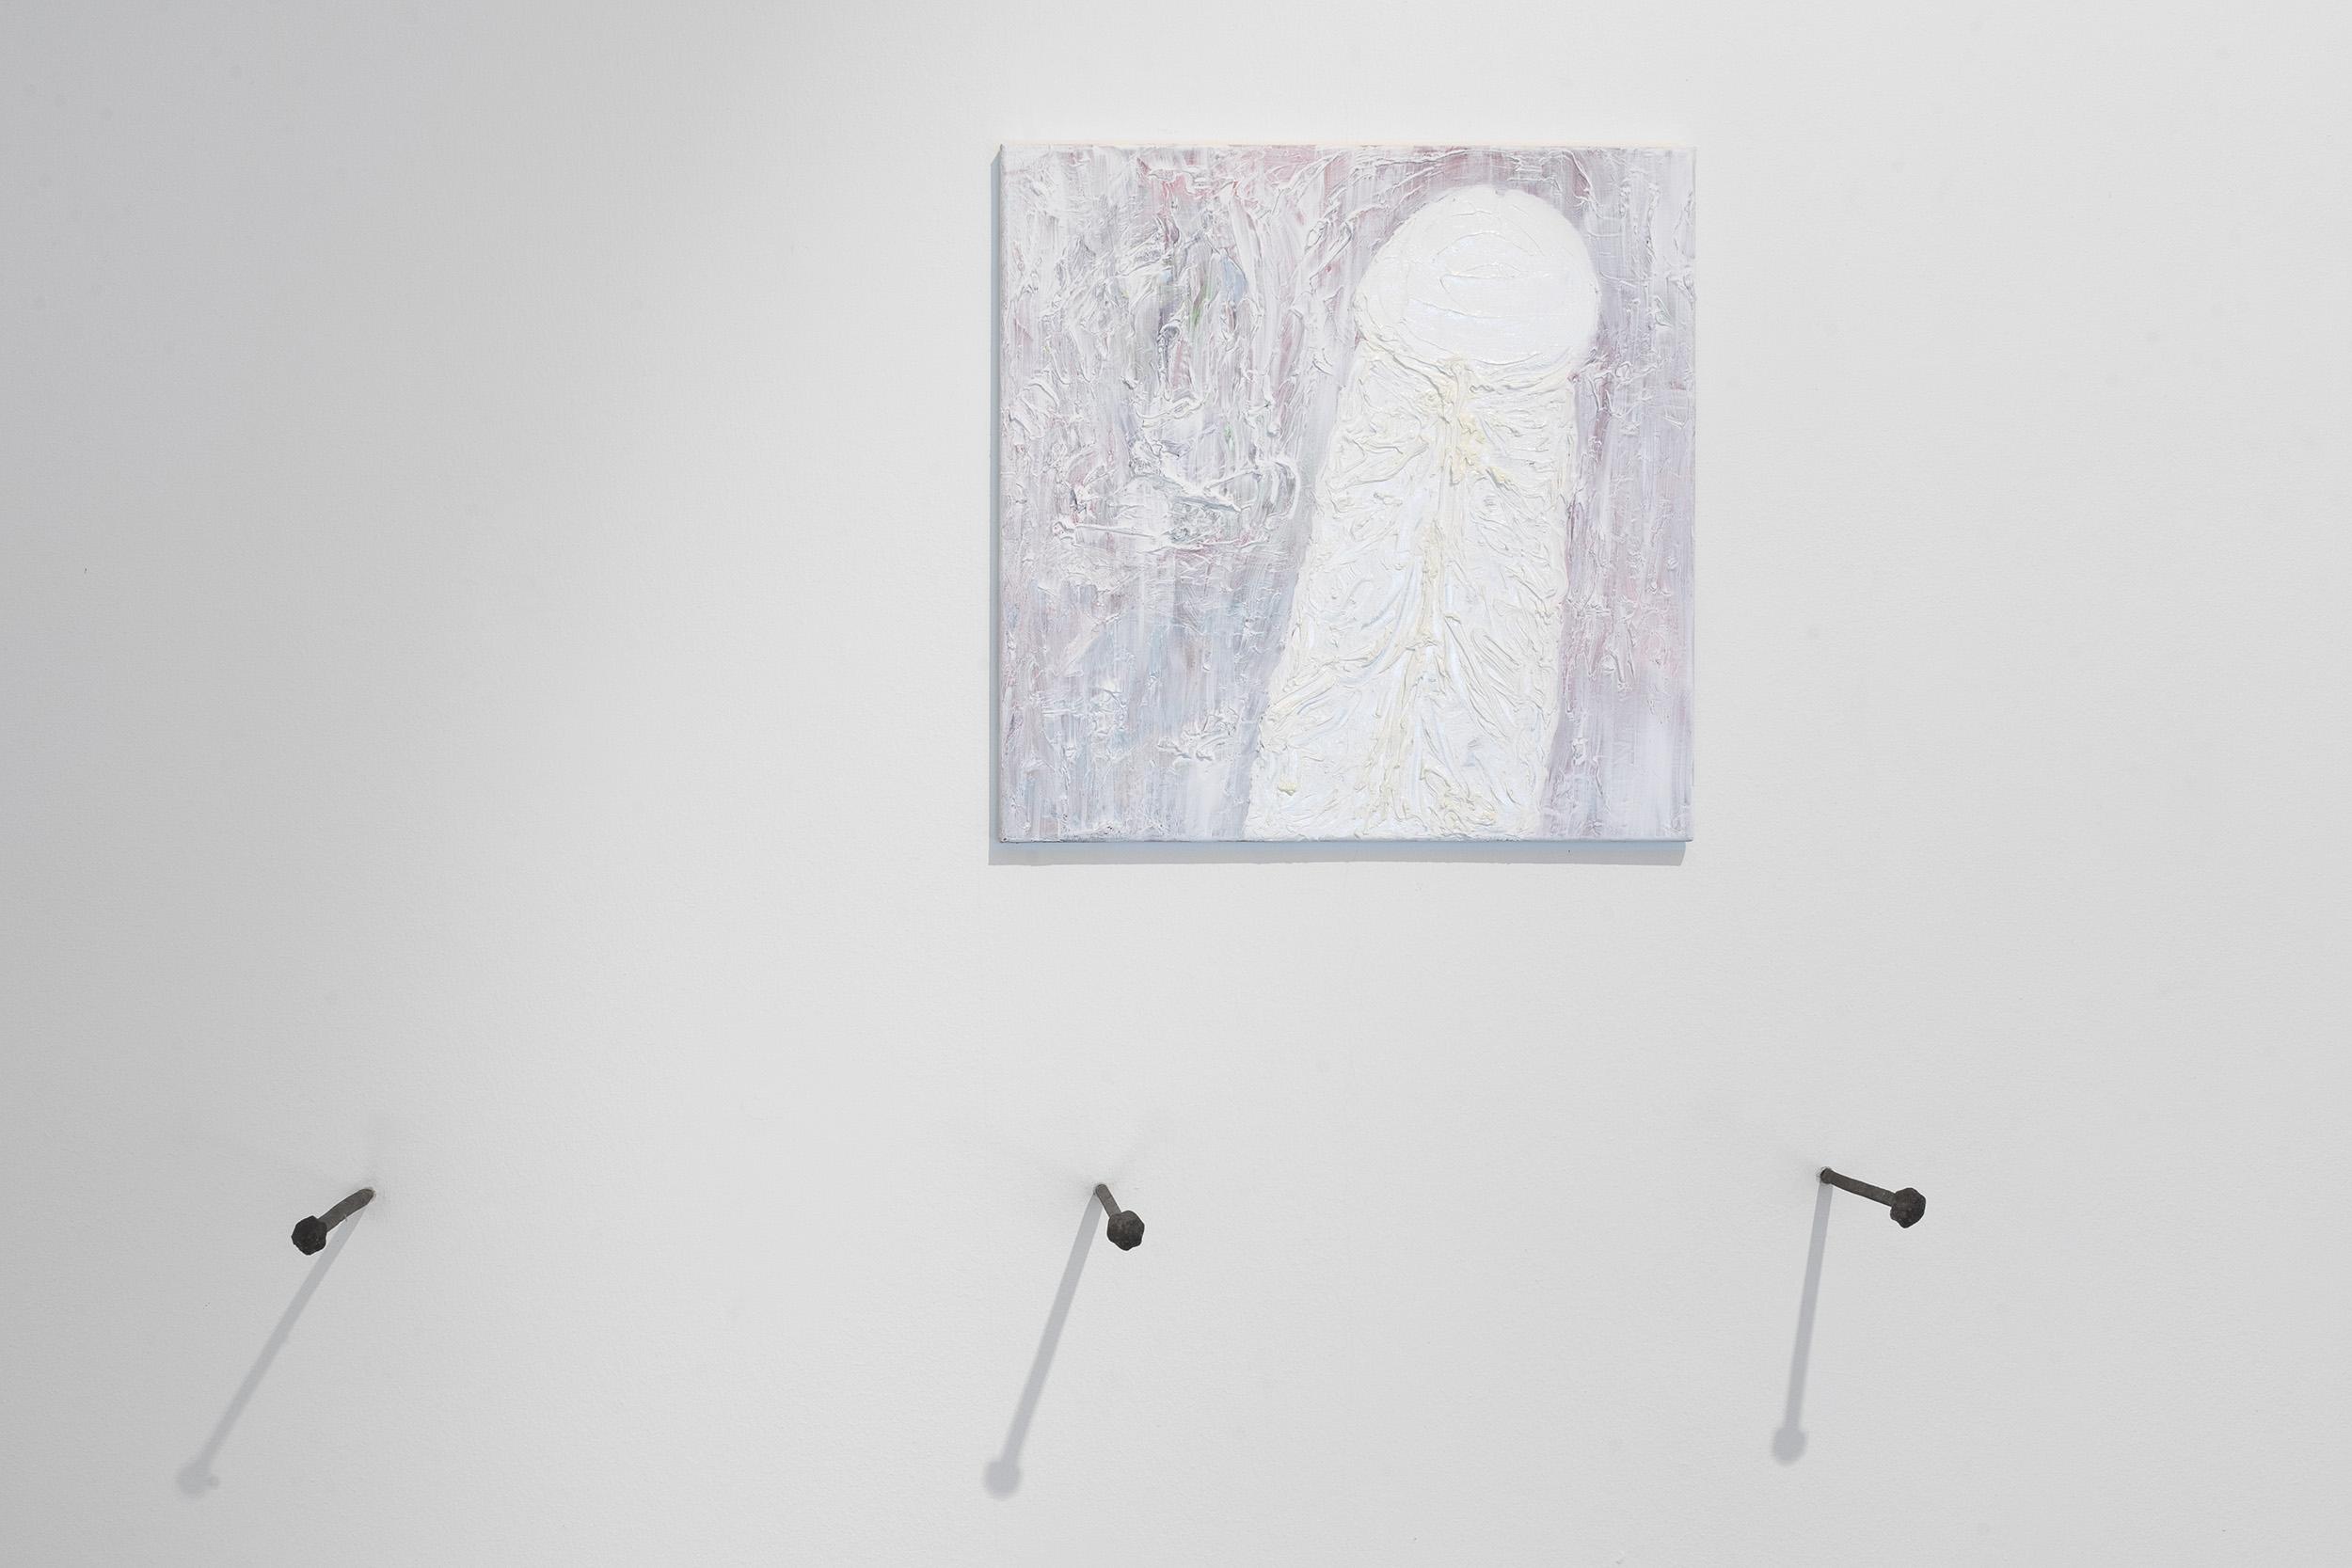 [EN/CZ] 'Seppuku, White Penis and Blind Binoculars' by Jiří David at Galerie SPZ